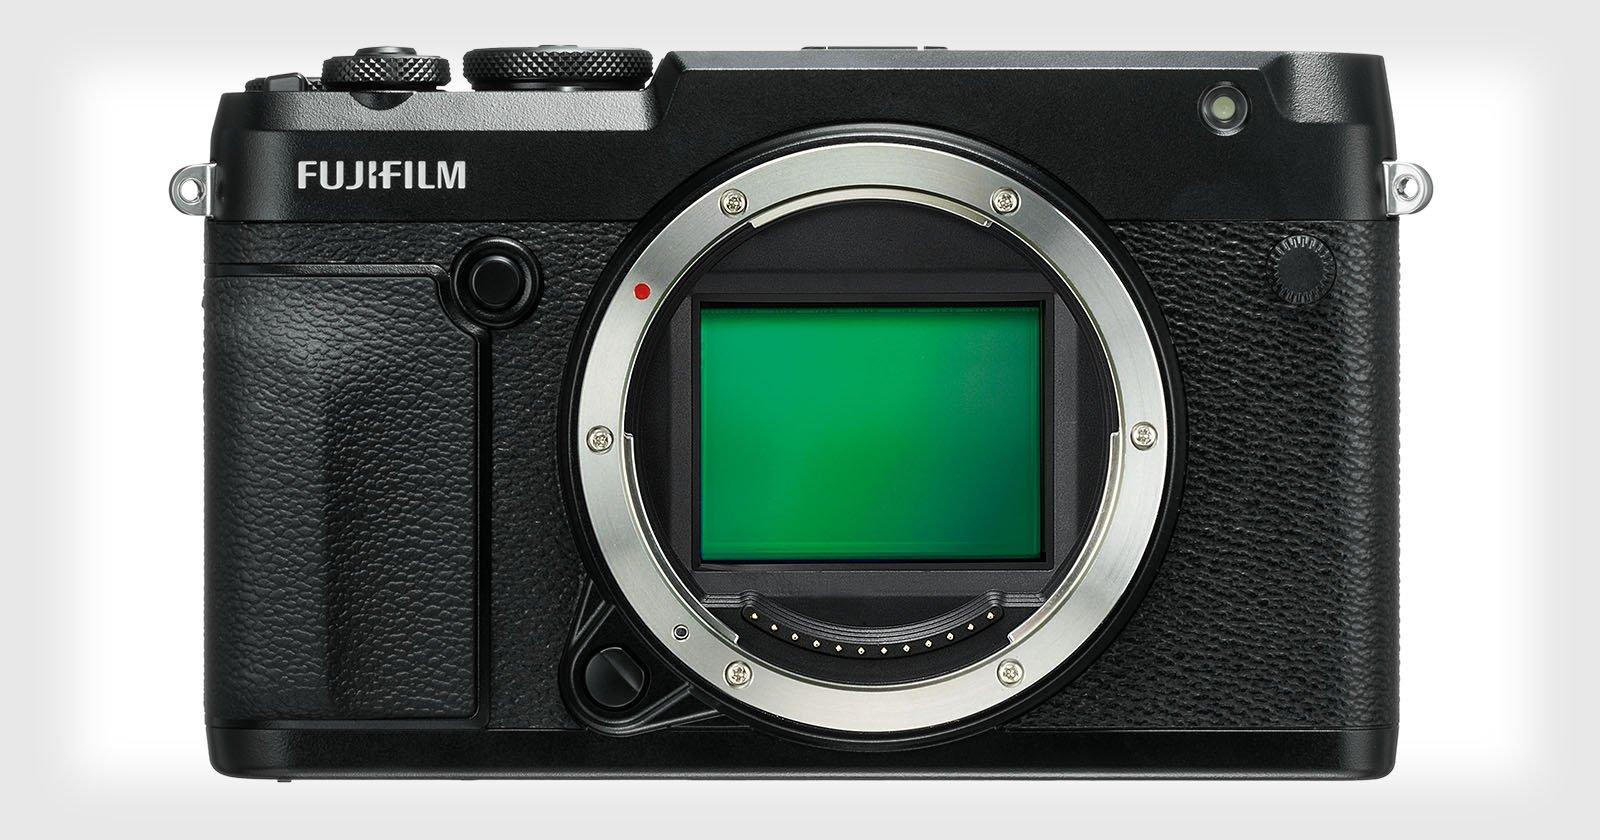 Fujifilm GFX 50R is a 51.4MP Medium Format Rangefinder-style Mirrorless